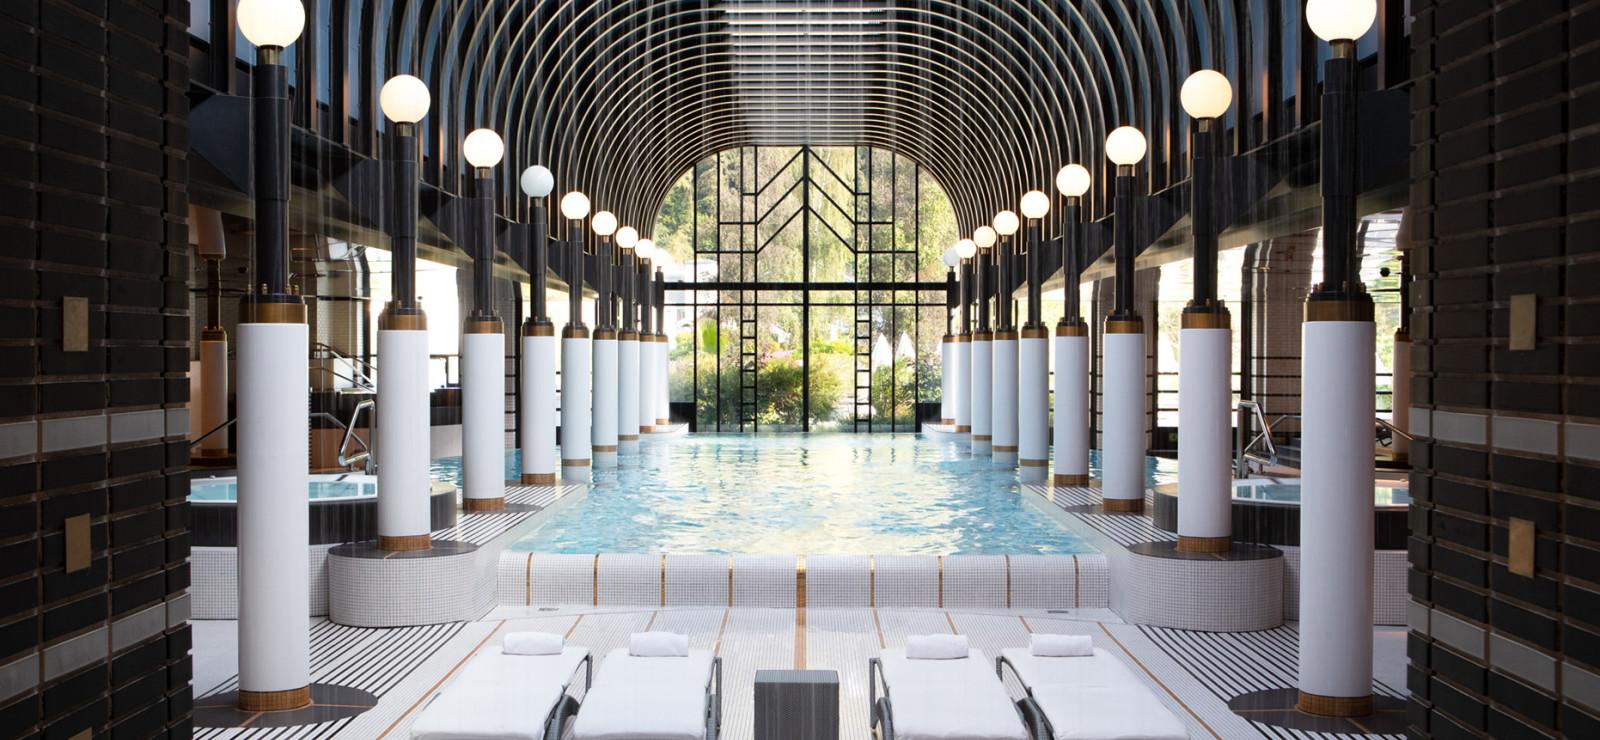 Victoria-Jungfrau Grand Hotel & Spa Bilder | Bild 1